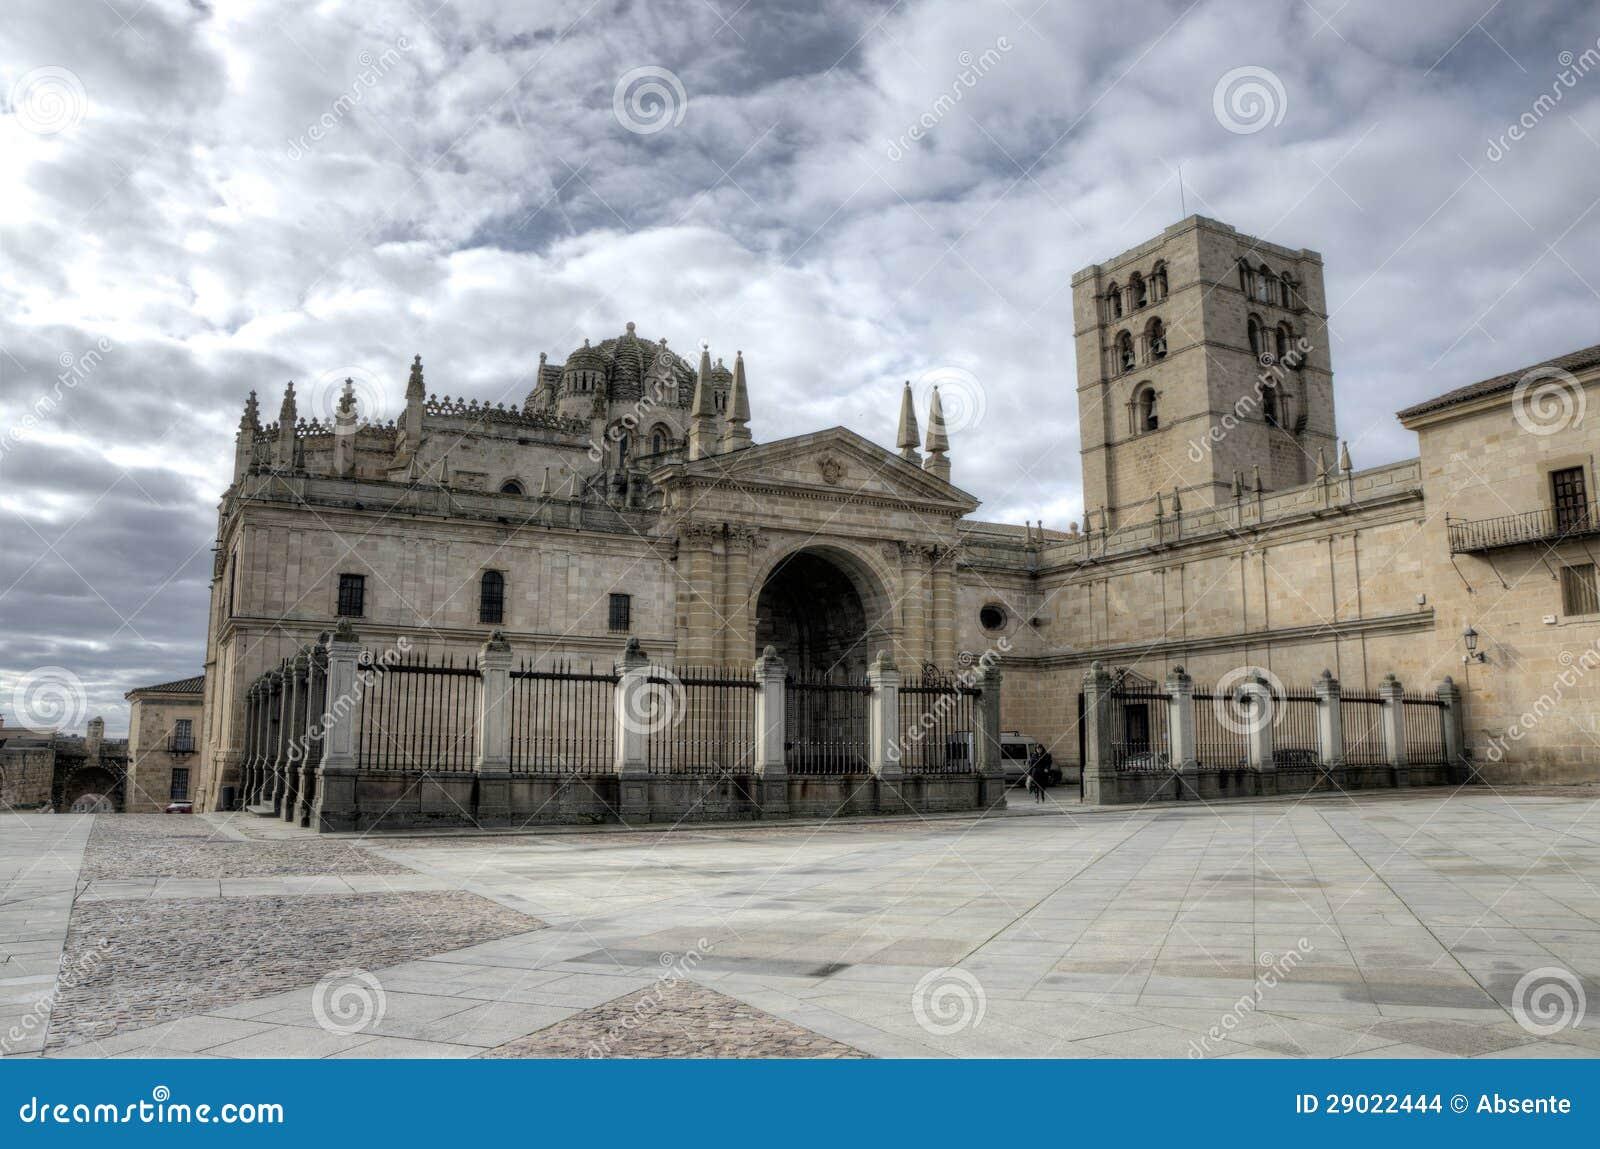 Zamora Spain  City new picture : Catedral De Zamora. Spain Imagens de Stock Imagem: 29022444